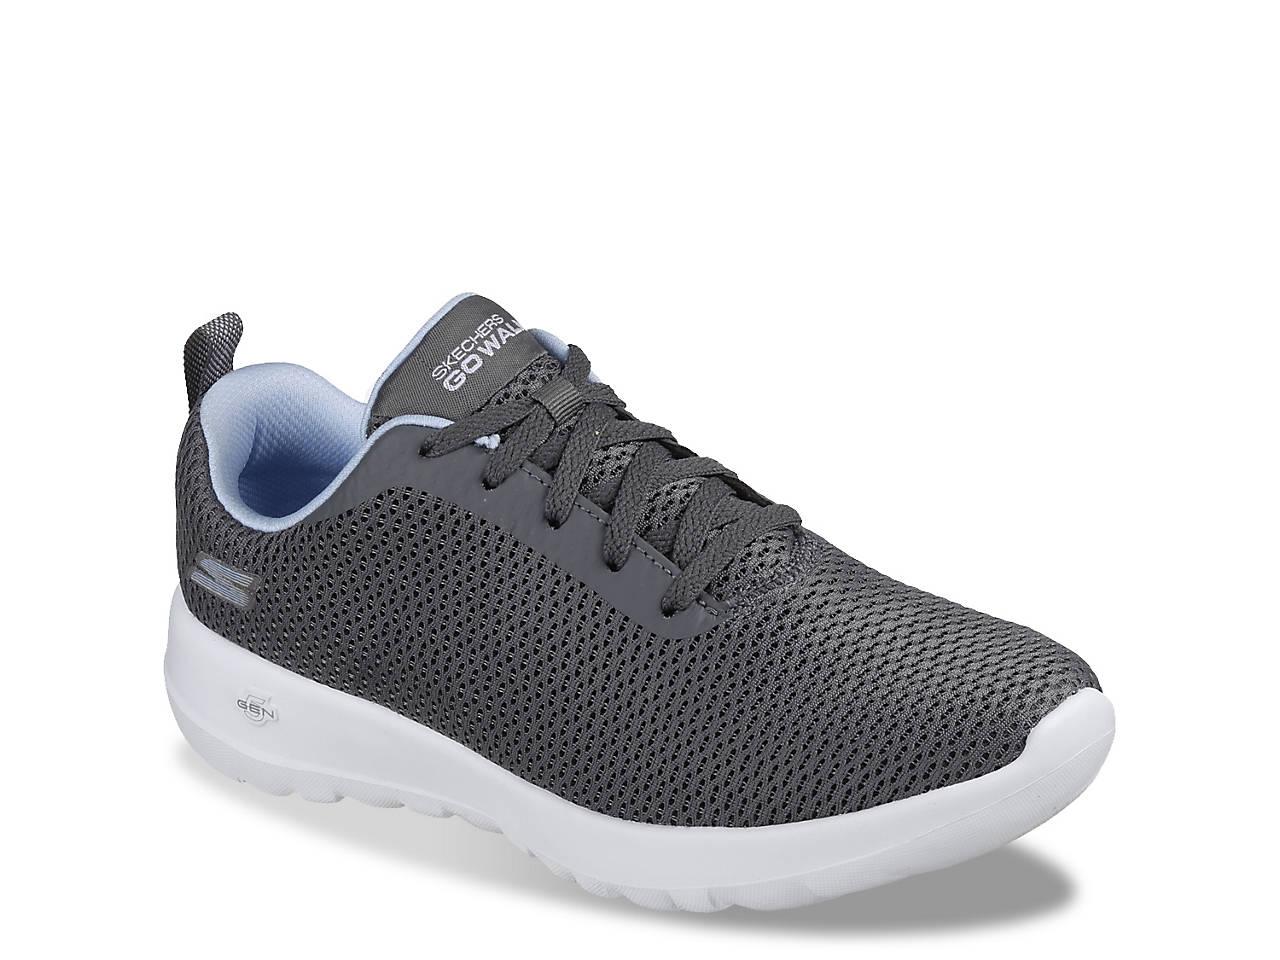 b4ab7c1614fe Skechers GOwalk Joy Paradise Sneaker - Women s Women s Shoes